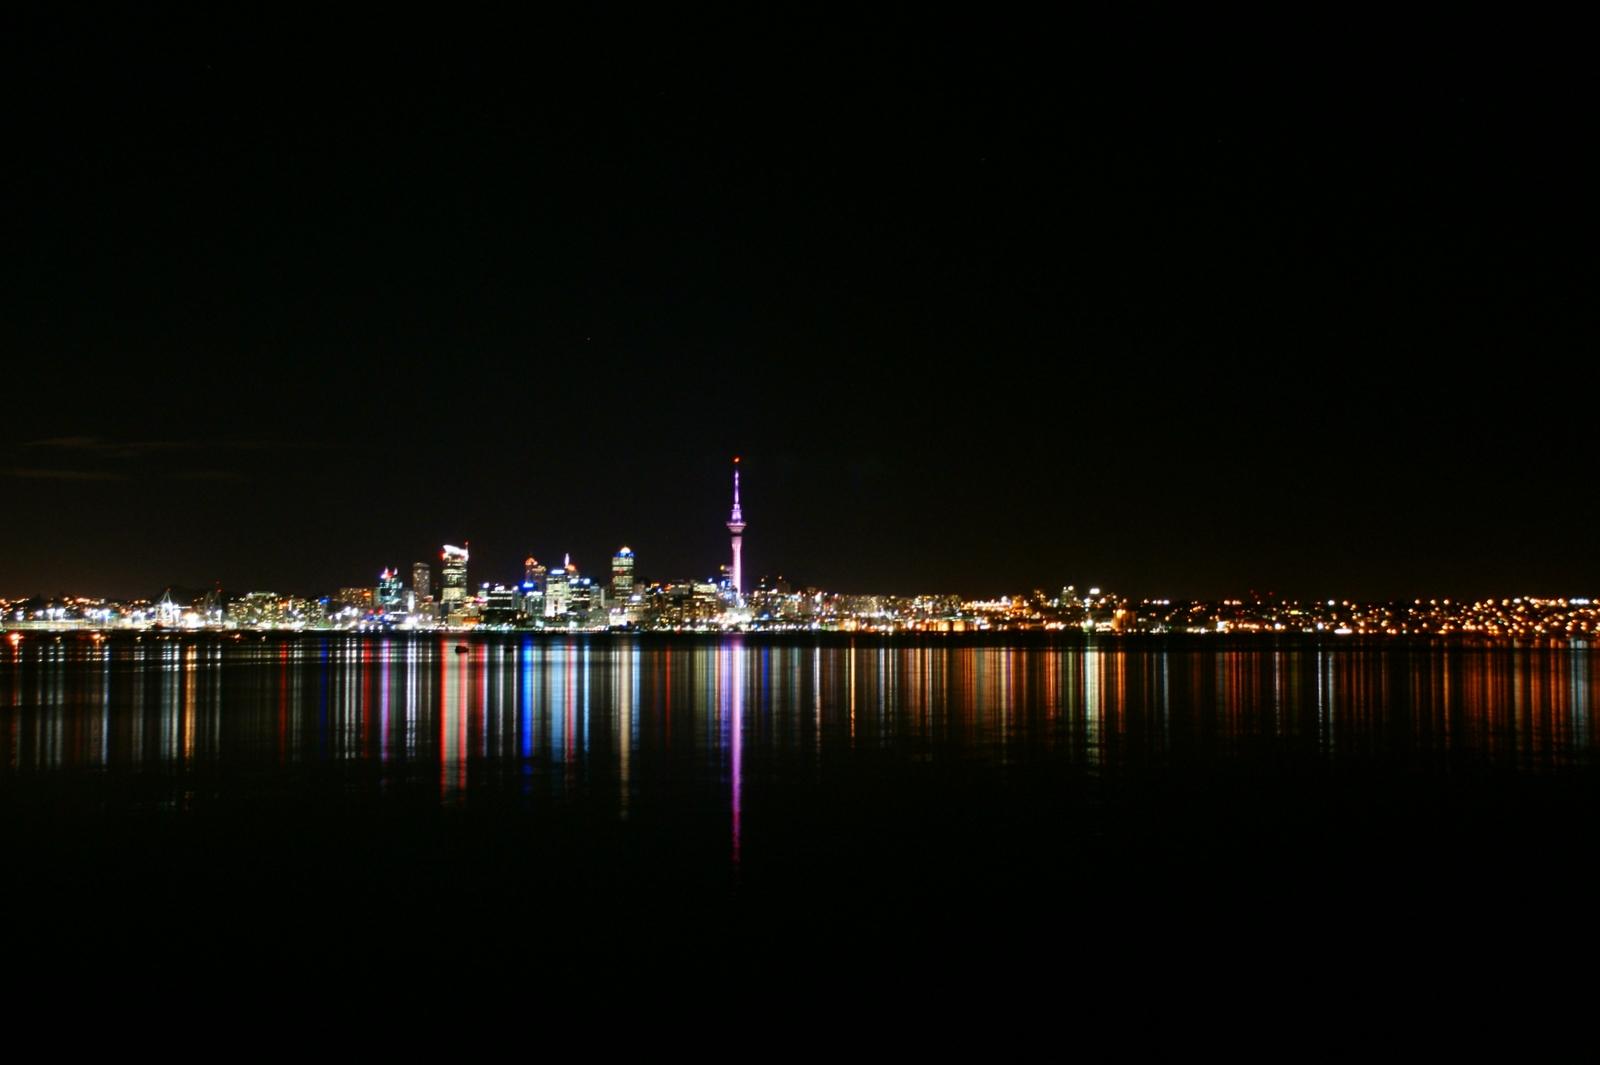 Dark Wallpaper Anime File Auckland City Skytower At Night Flickr 111